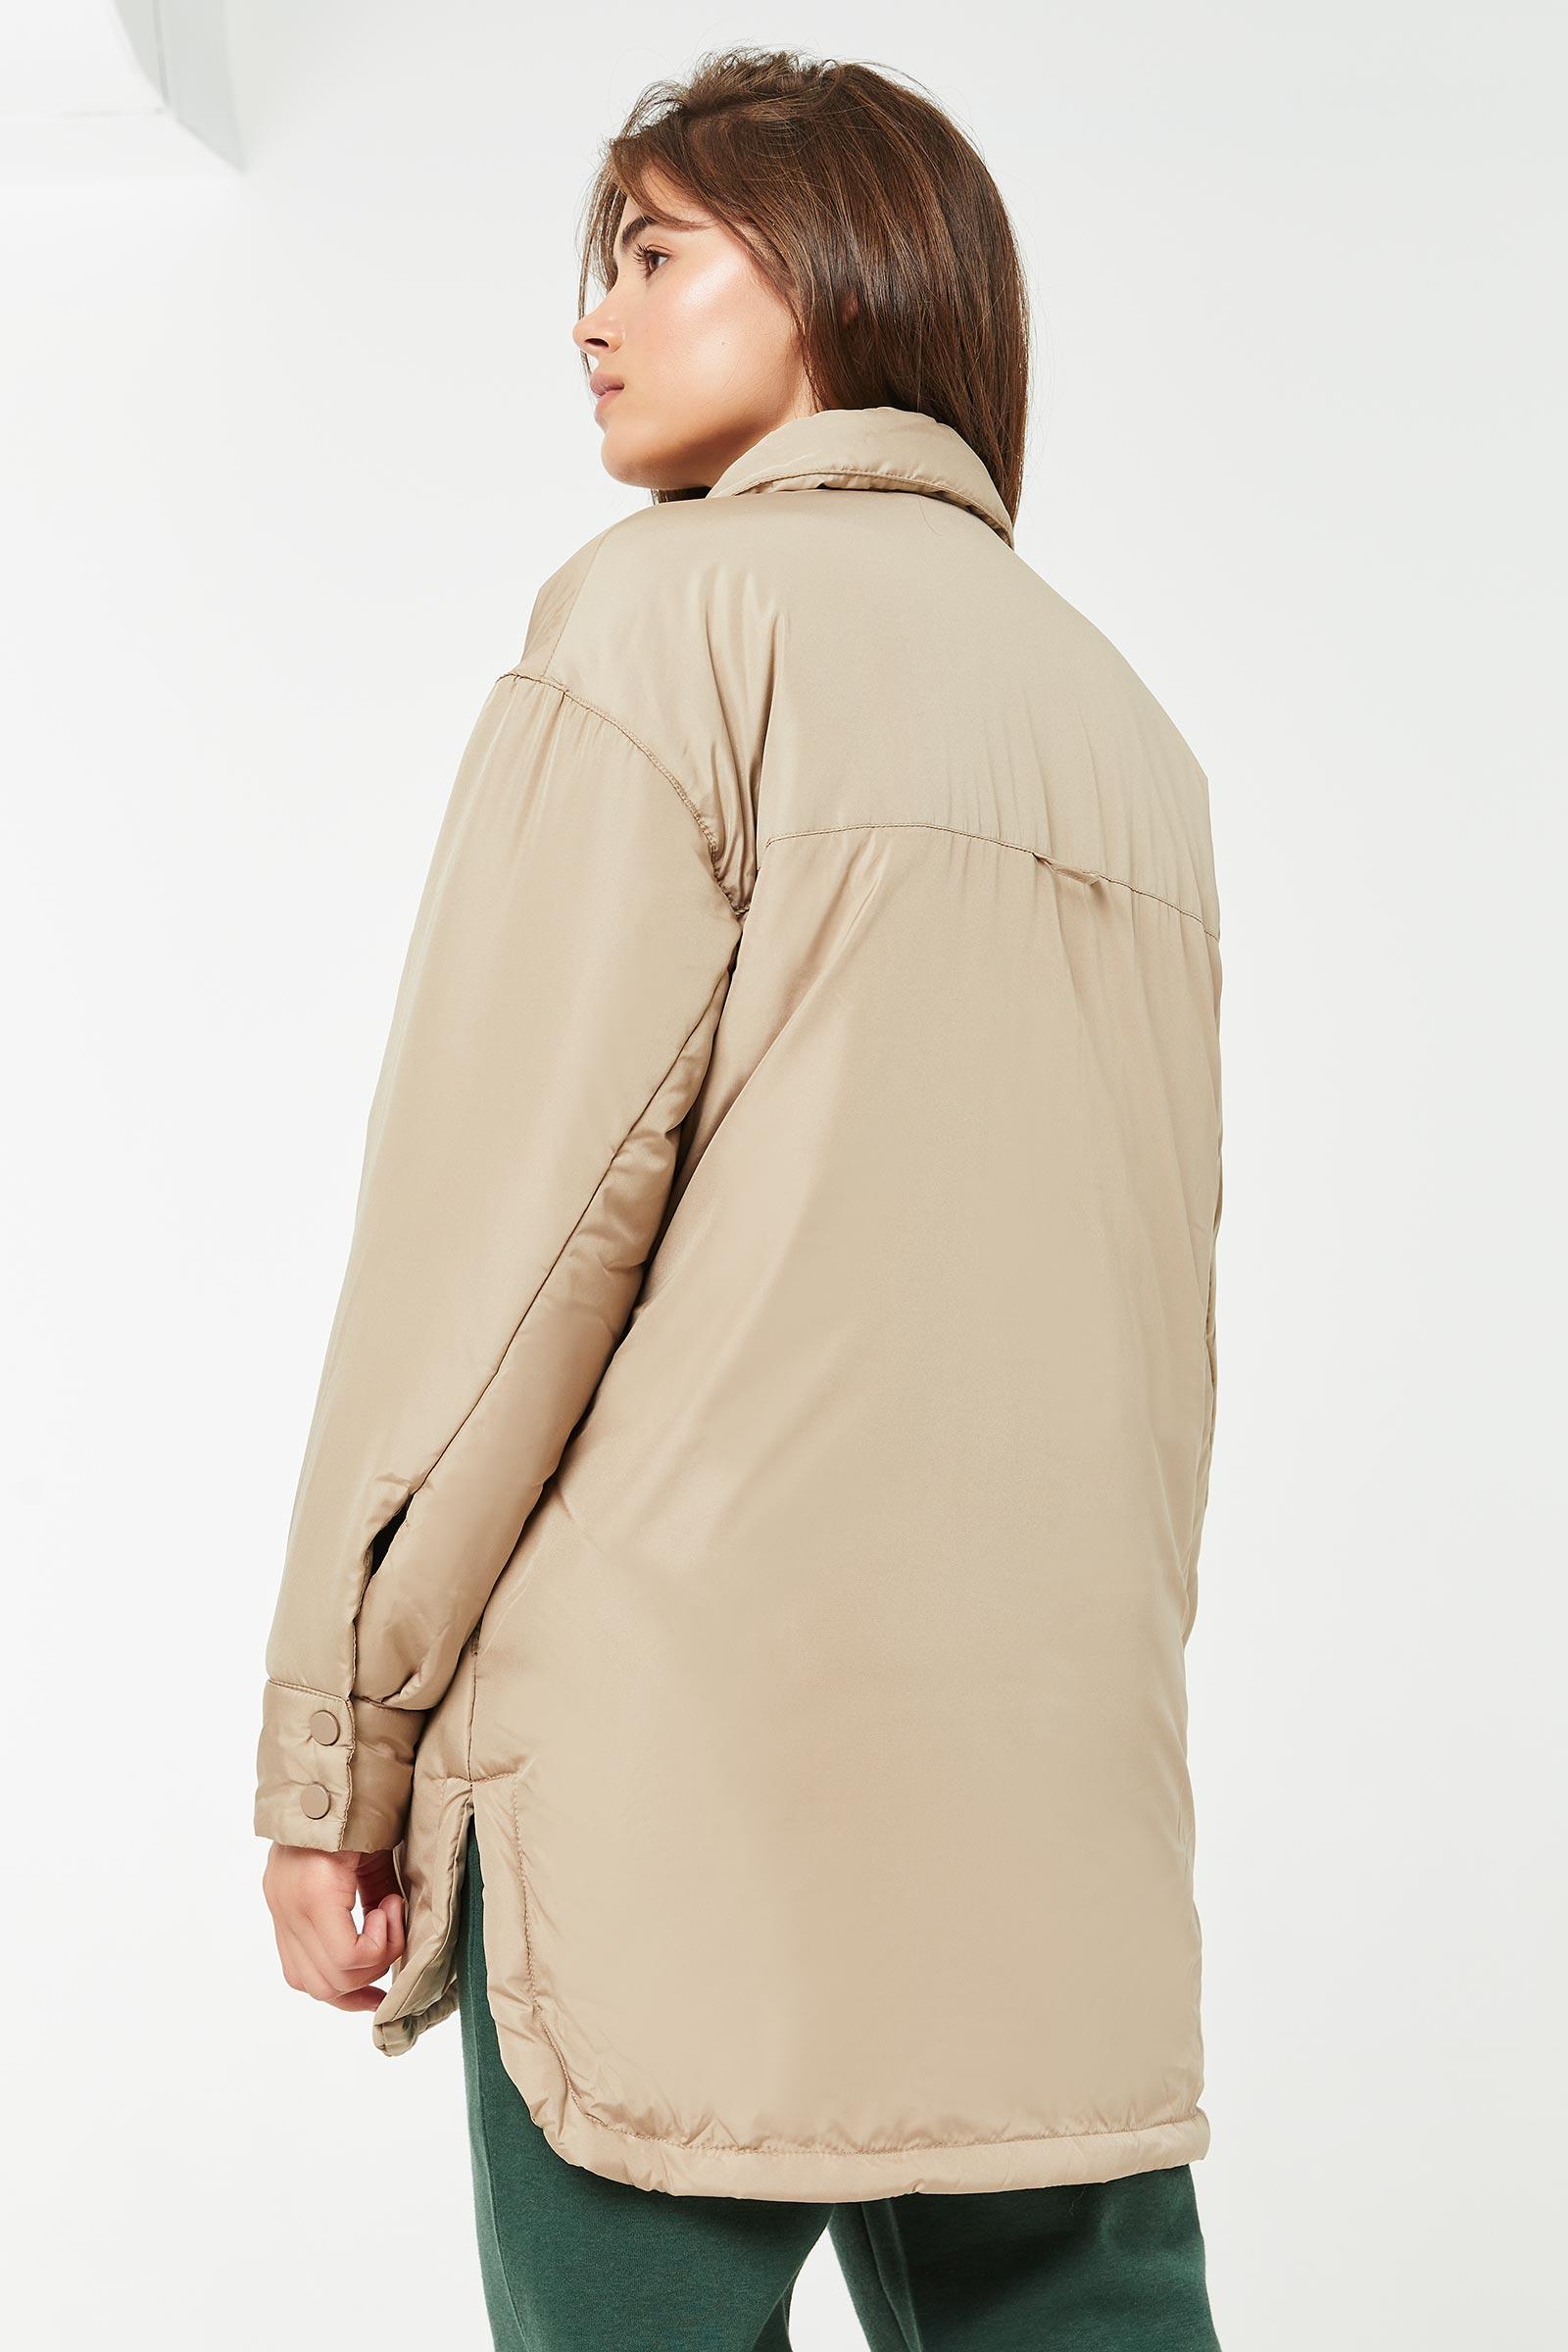 Veste-chemise ample rembourrée